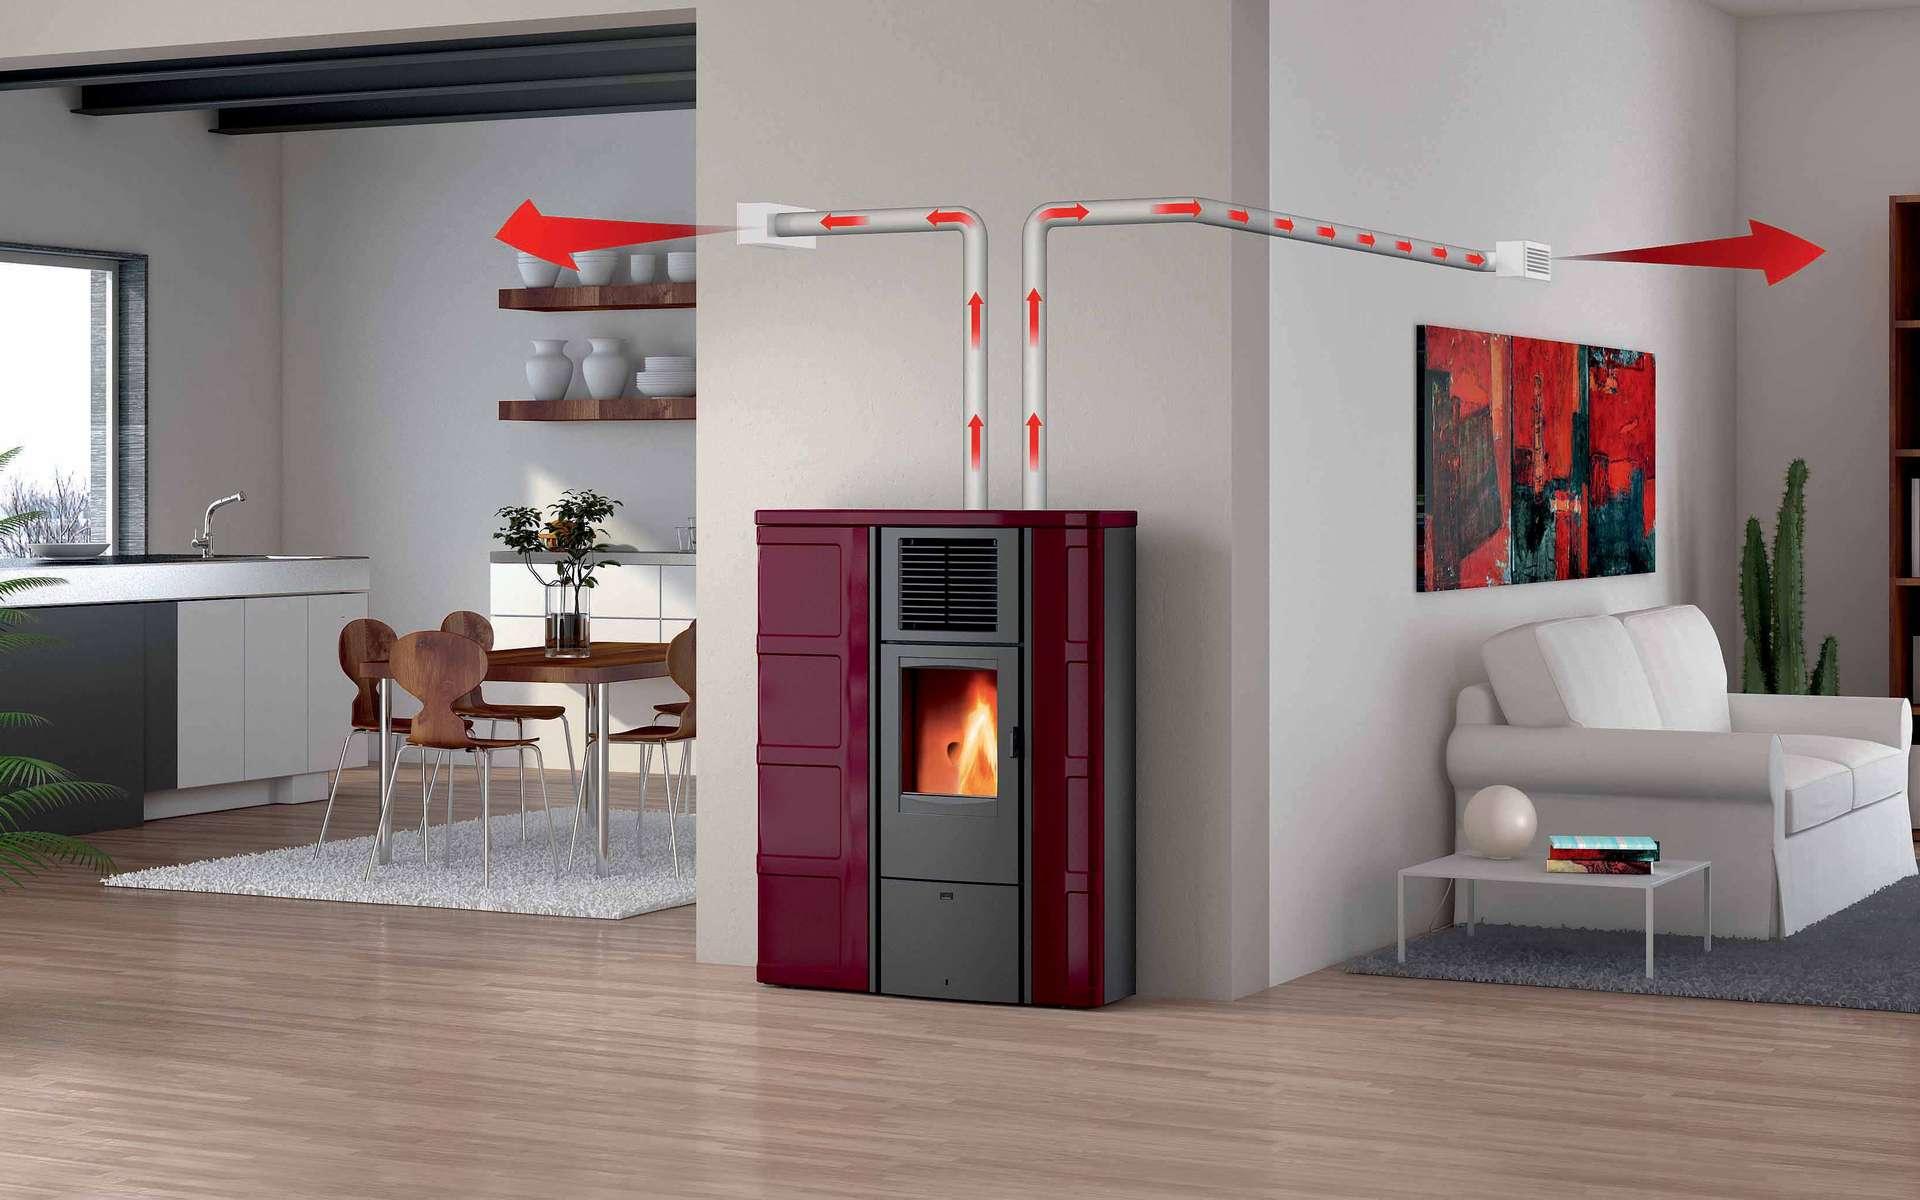 Suivant la puissance de ventilation, les gaines de distribution peuvent transporter l'air chaud sur une distance maximale de 5 à 8 mètres en parcours horizontal ou vertical. © Artense